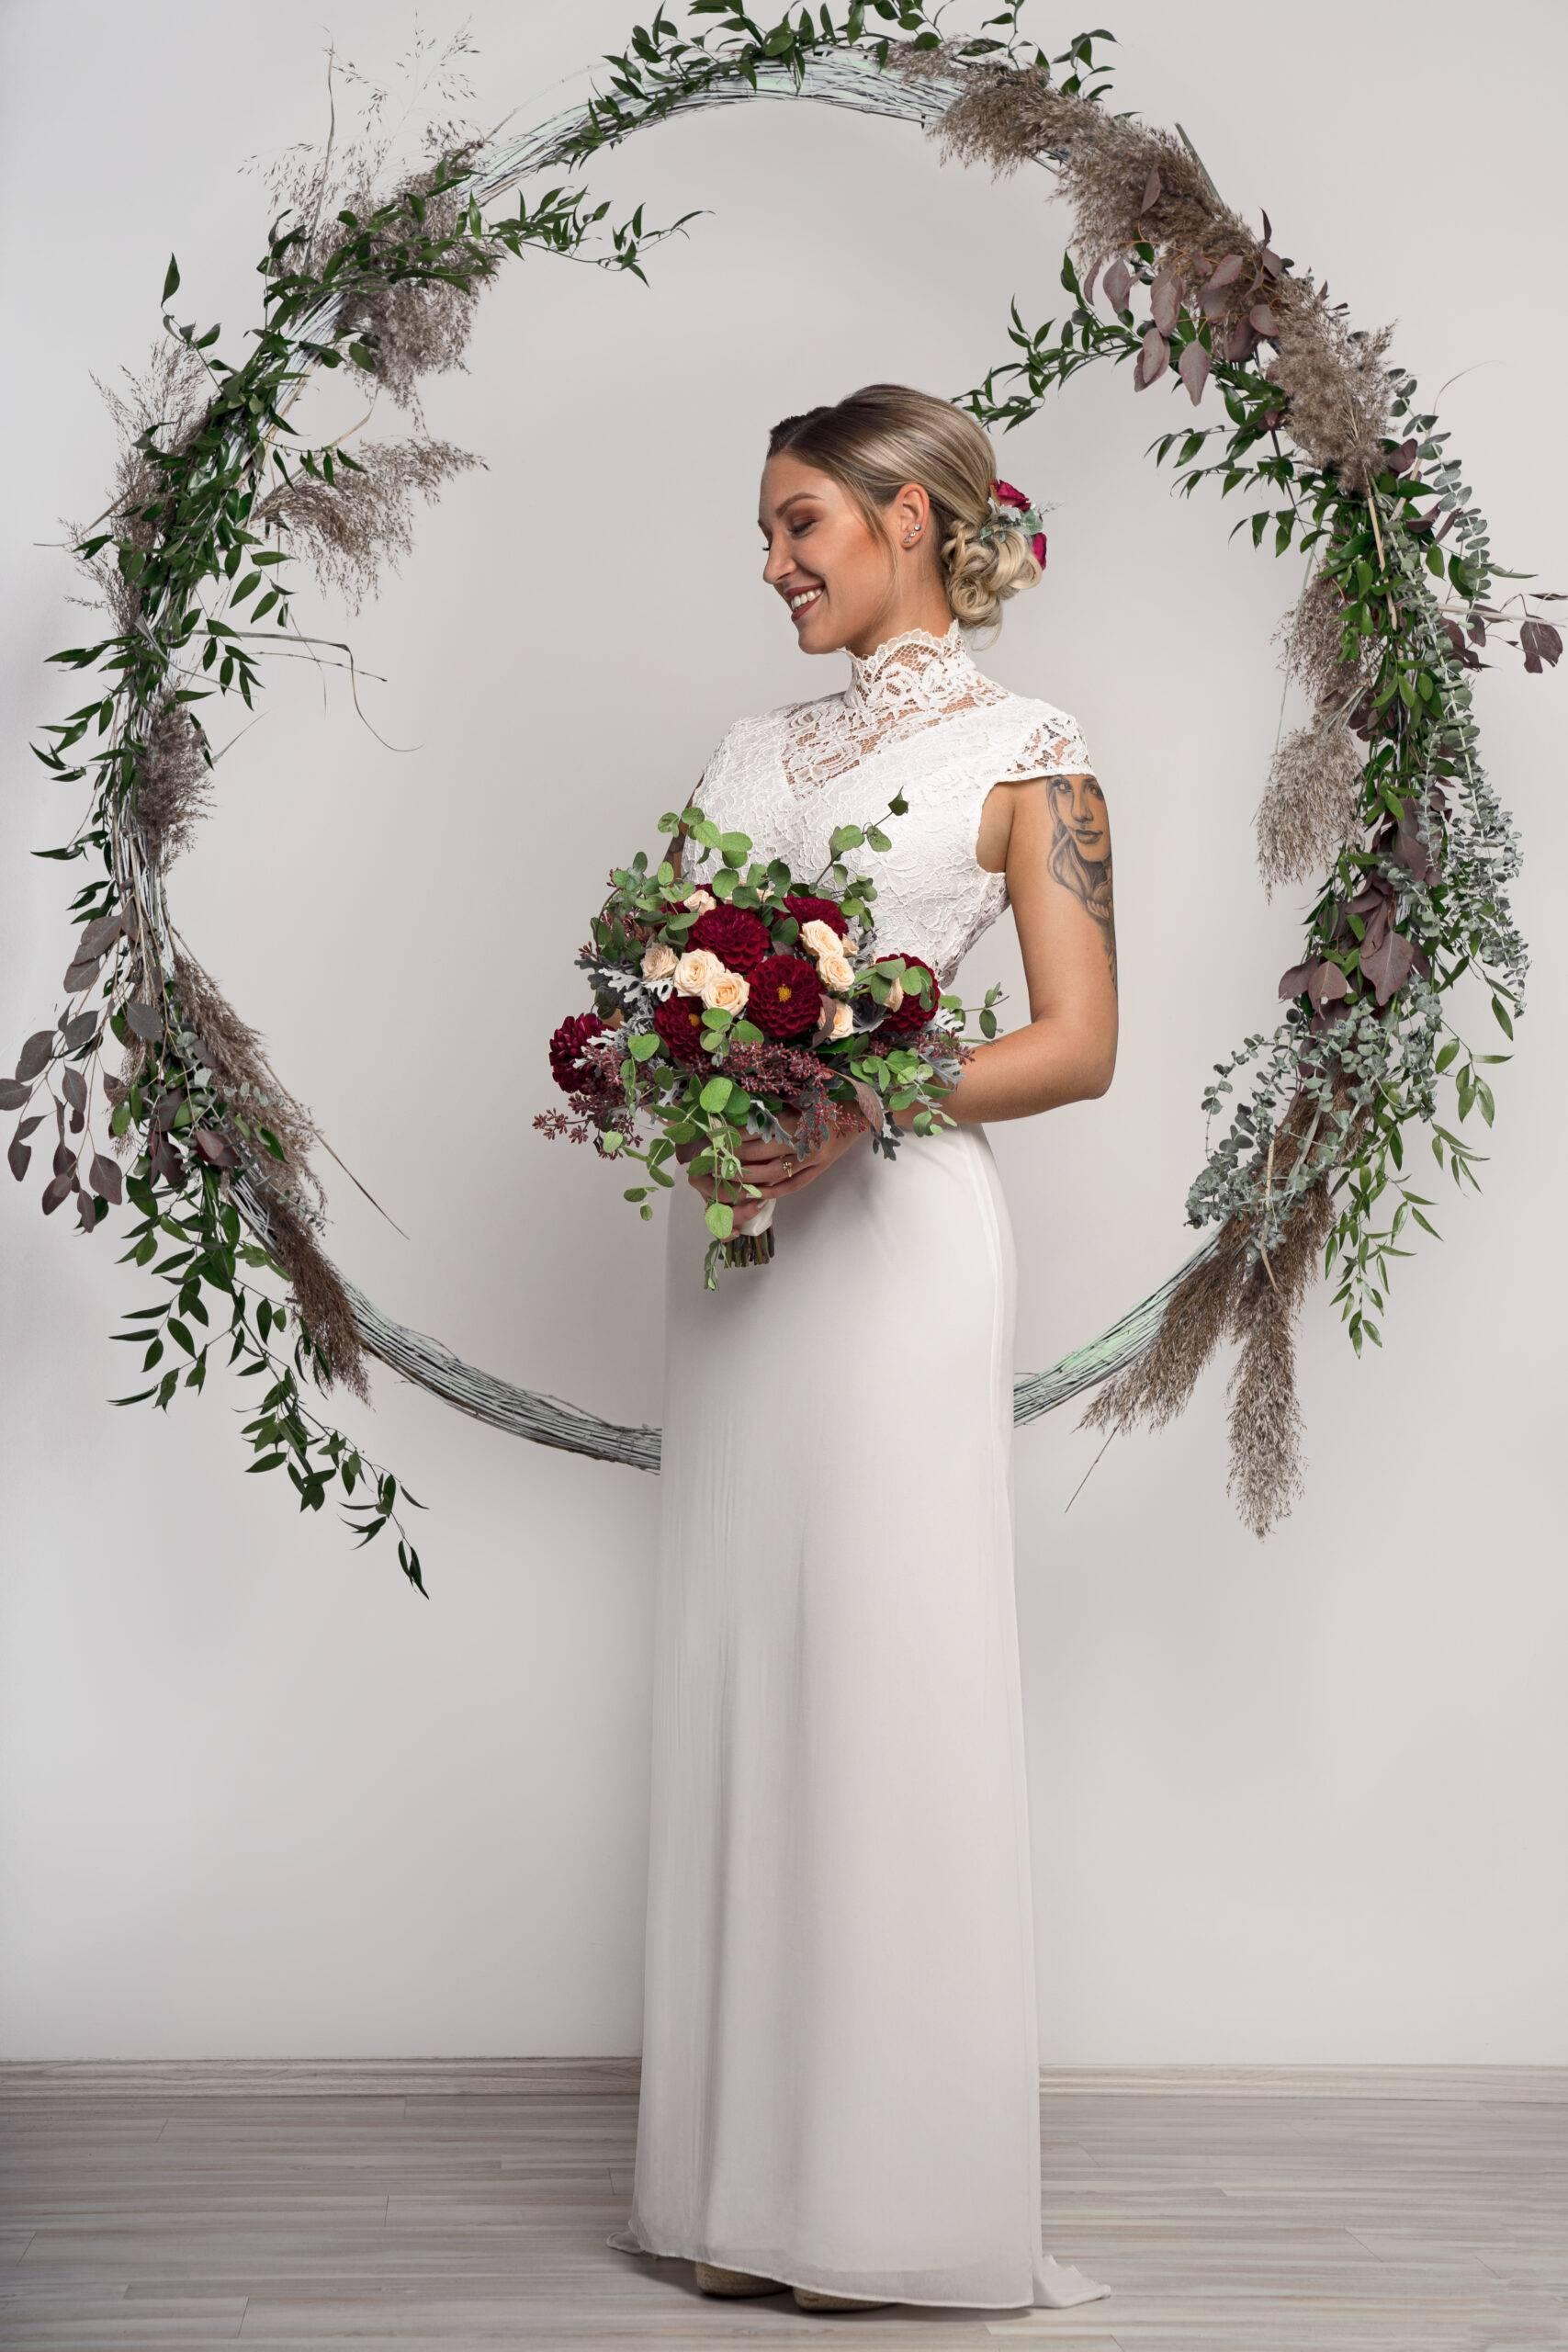 Gestylte Braut vor Traubogen